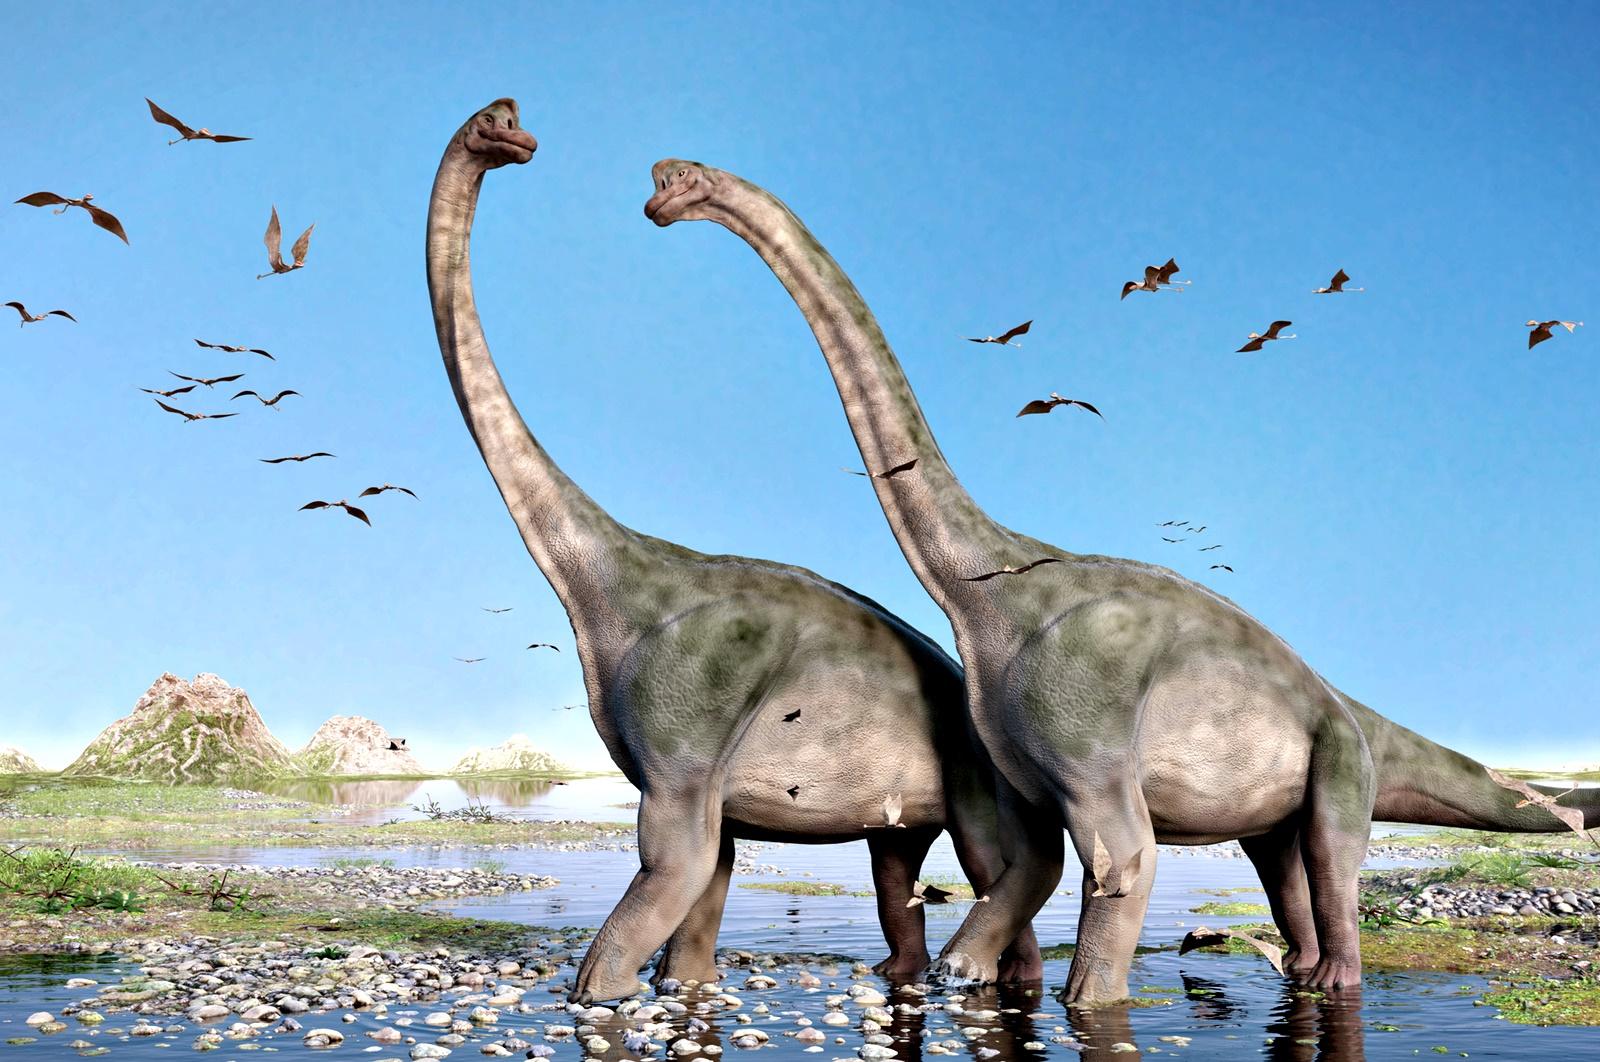 Апатозаври или Бронтозаври?<br /> Апатозаврите, известни и като Бронтозаври, са род тревопасни динозаври от семейство Диплодоци, живели преди около 150 млн. години през юрския период. През 1877 г. палеонотлогът Отинйл Чарлз Марш открива останки от вида и му дава името Апатозавър, две години по-късно открива други останки от други вид и му дава името – Бронтозавър. През 1903 г. обаче палеонтологът Елмър Ригс убеждава научните среди, че става въпрос за един и същи вид. През 2015 г. спорът за името се възражда, след като учени откриват съществени разлики между останките, открити през 1877 и 1879 г., навеждащи на мисълта, че Марш не е допуснал грешка.